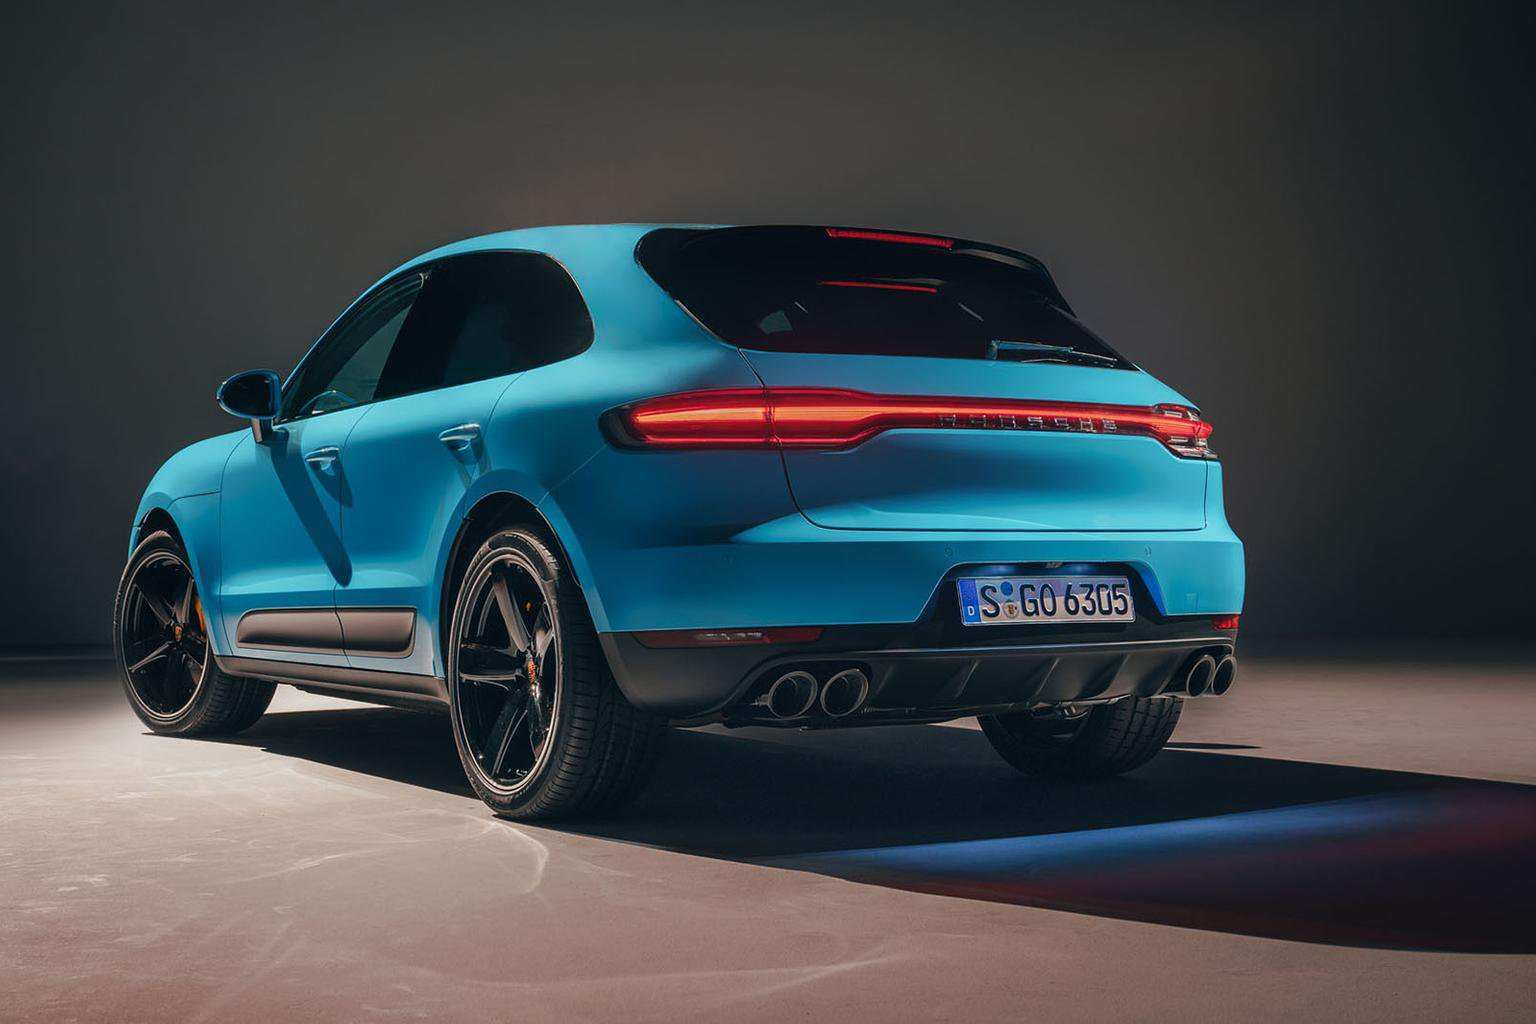 82 Gallery of 2019 Porsche Macan Release Date Exterior by 2019 Porsche Macan Release Date